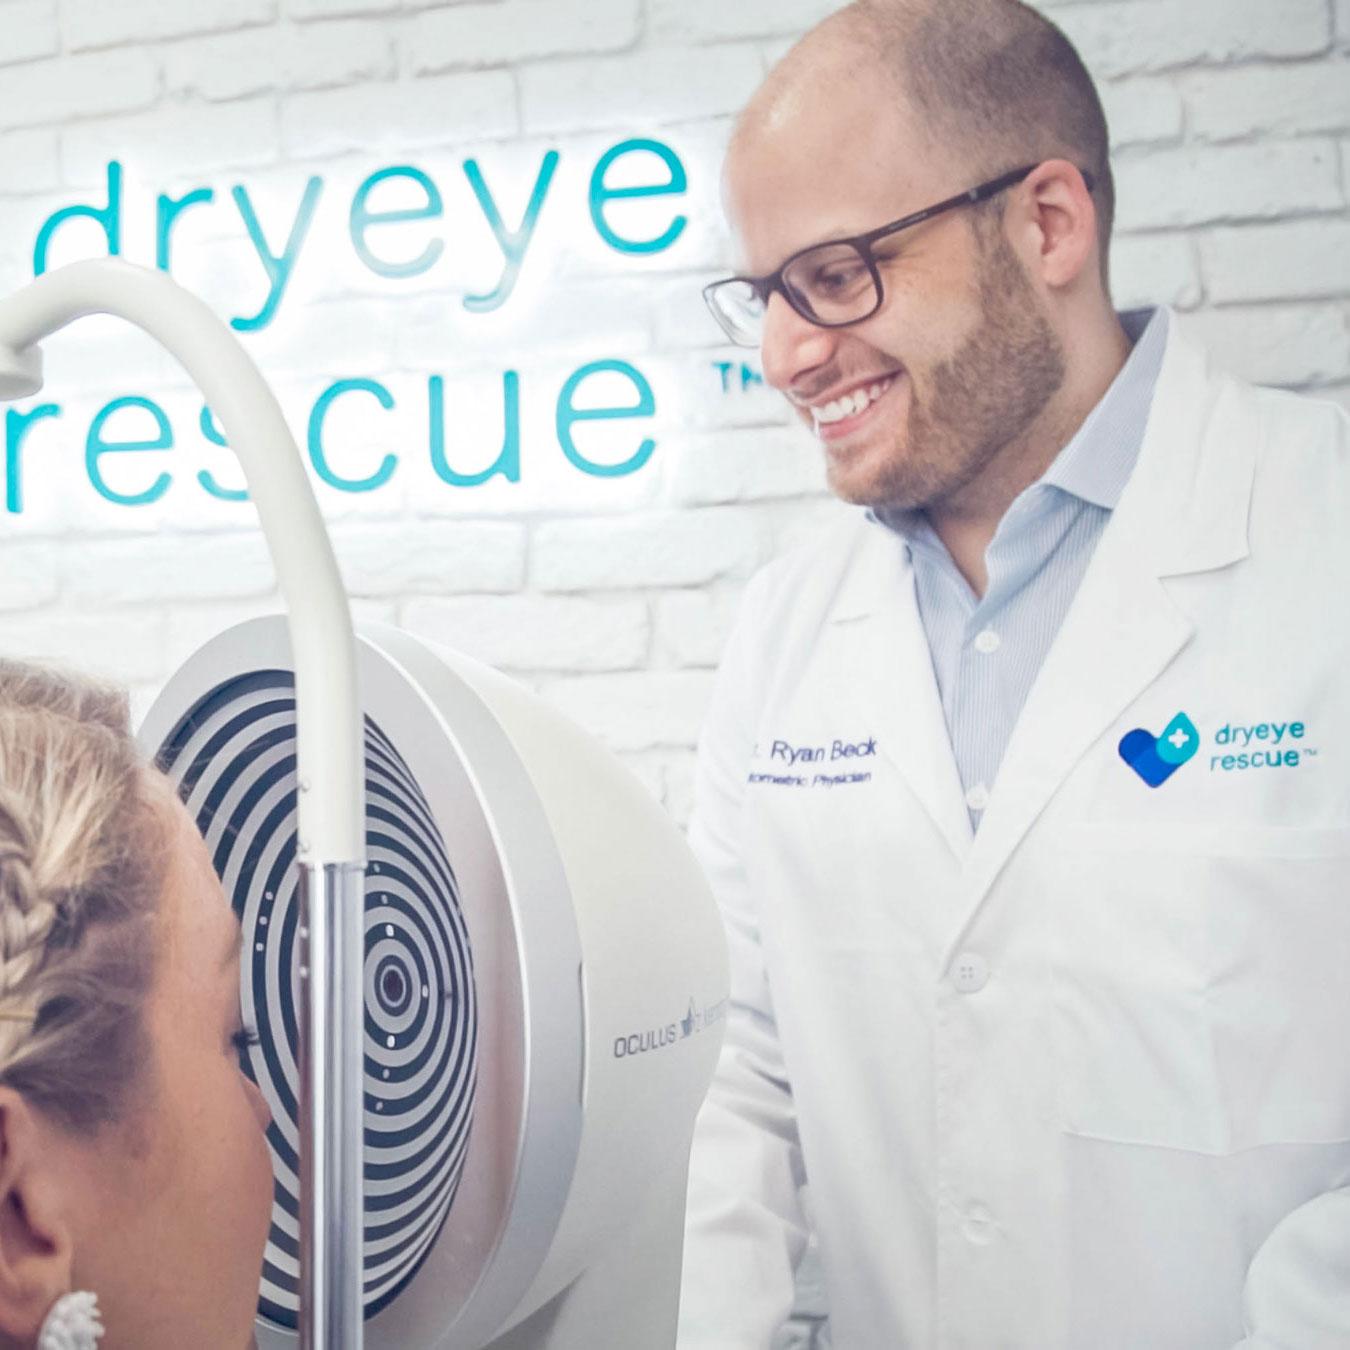 dryeye rescue provider